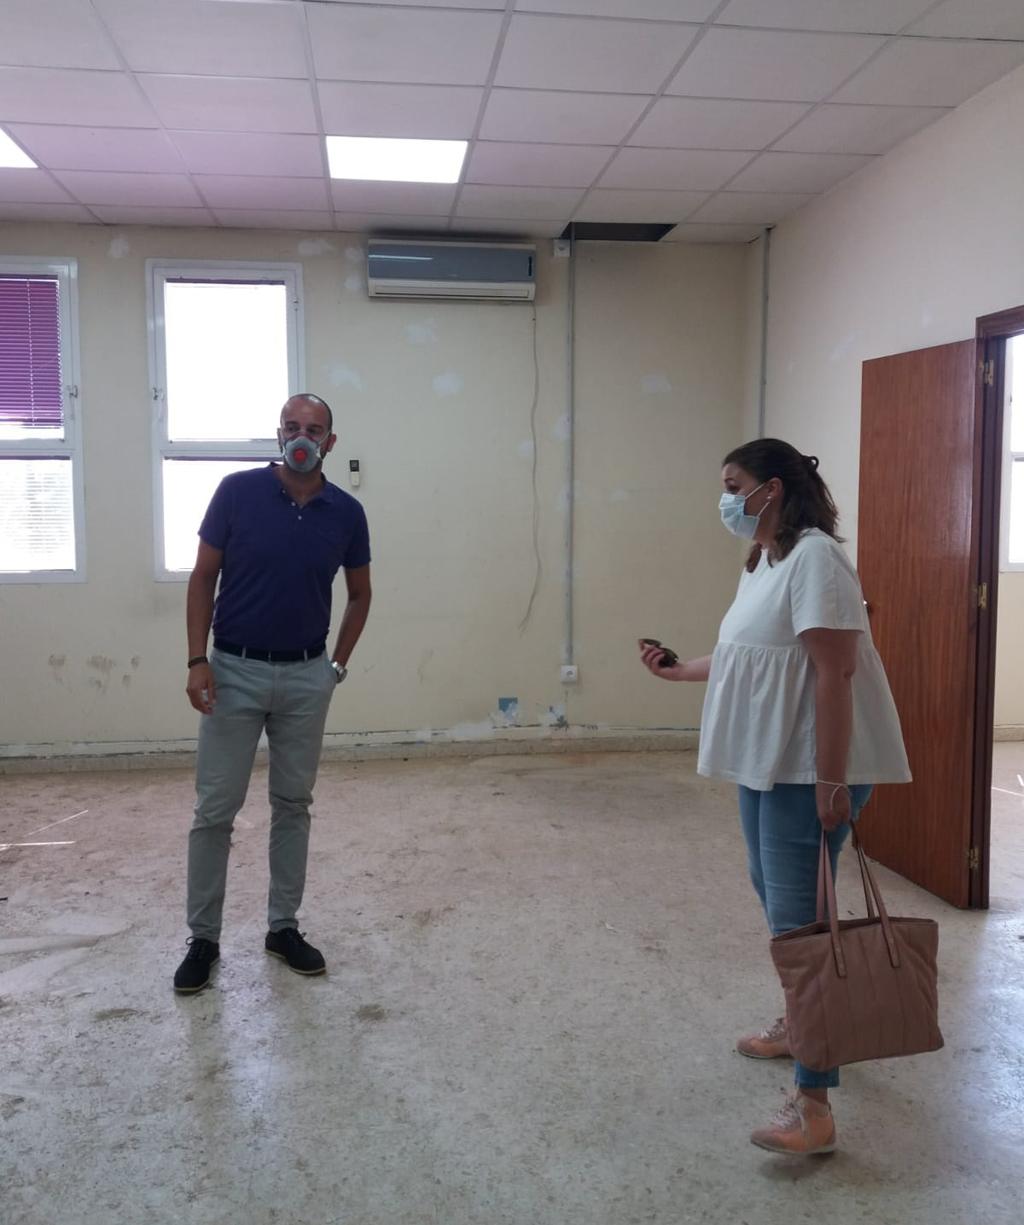 El Área de Desarrollo Local del Ayuntamiento de Cartaya pone en marcha las obras de acondicionamiento del edificio Escuela de Empresas para albergar la nueva Incubadora Municipal de Empresas.